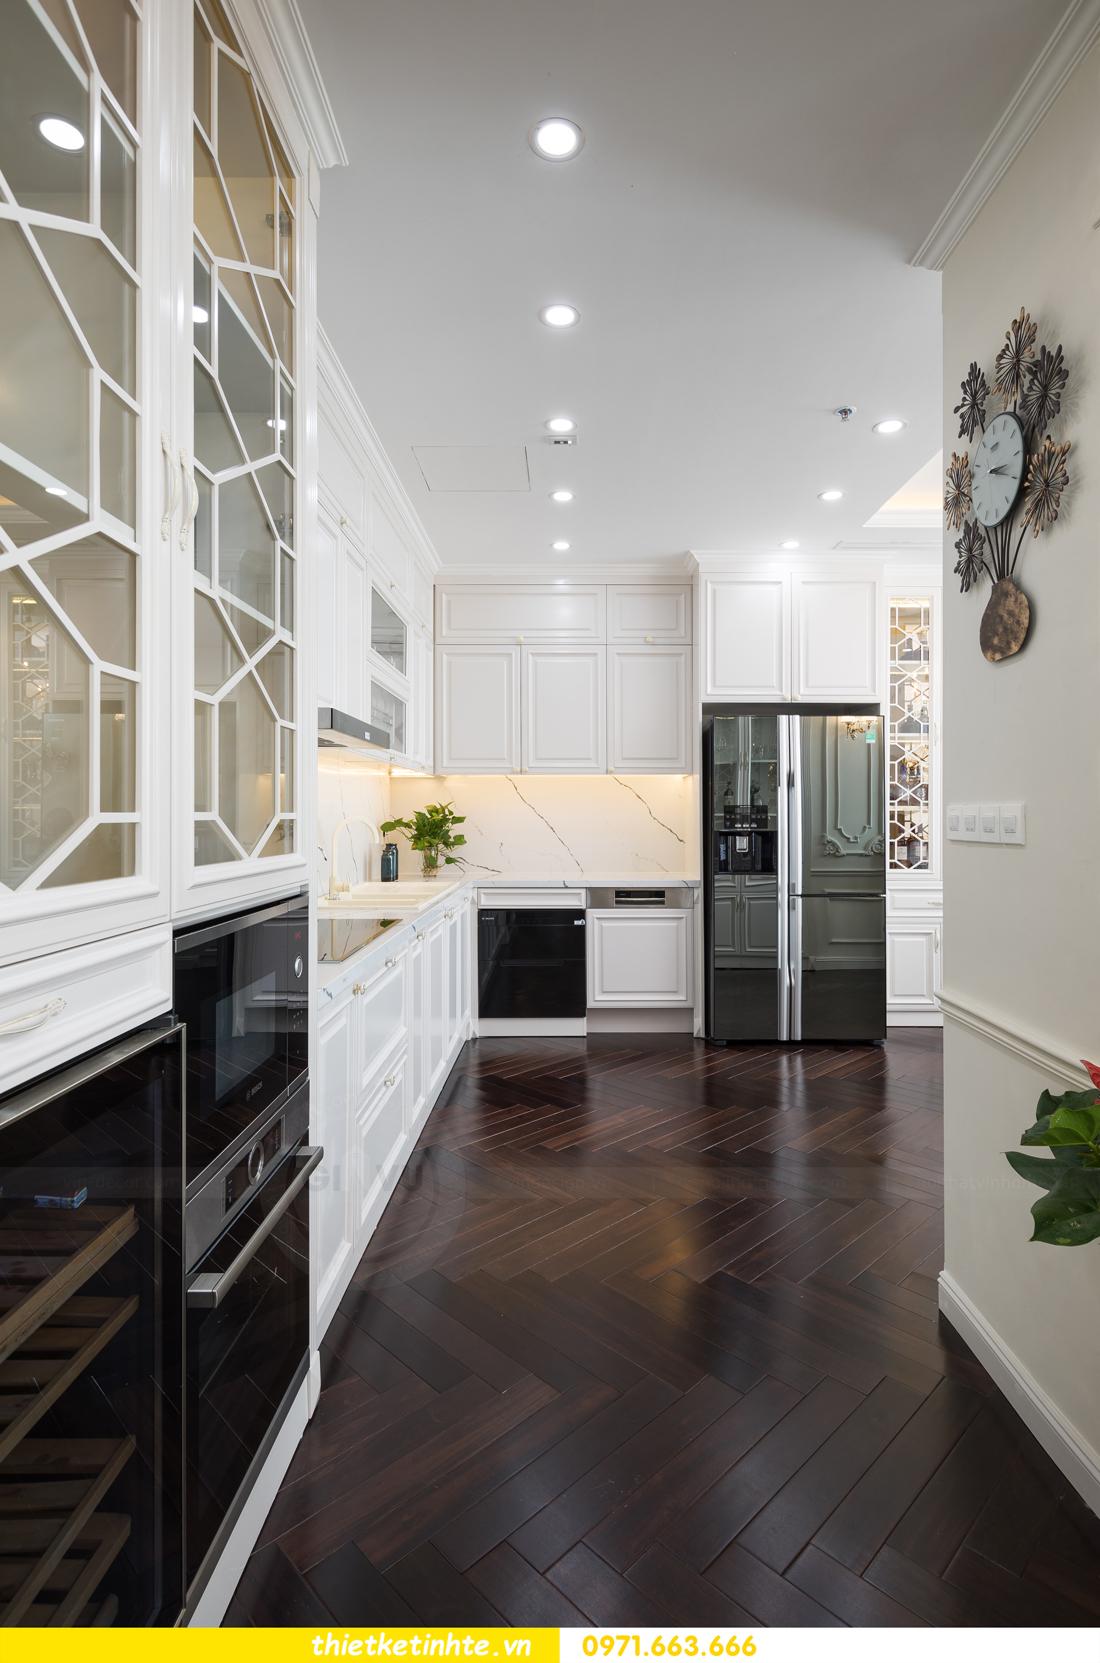 nên chọn lát sàn gỗ hay sàn nhựa cho căn hộ chung cư 3